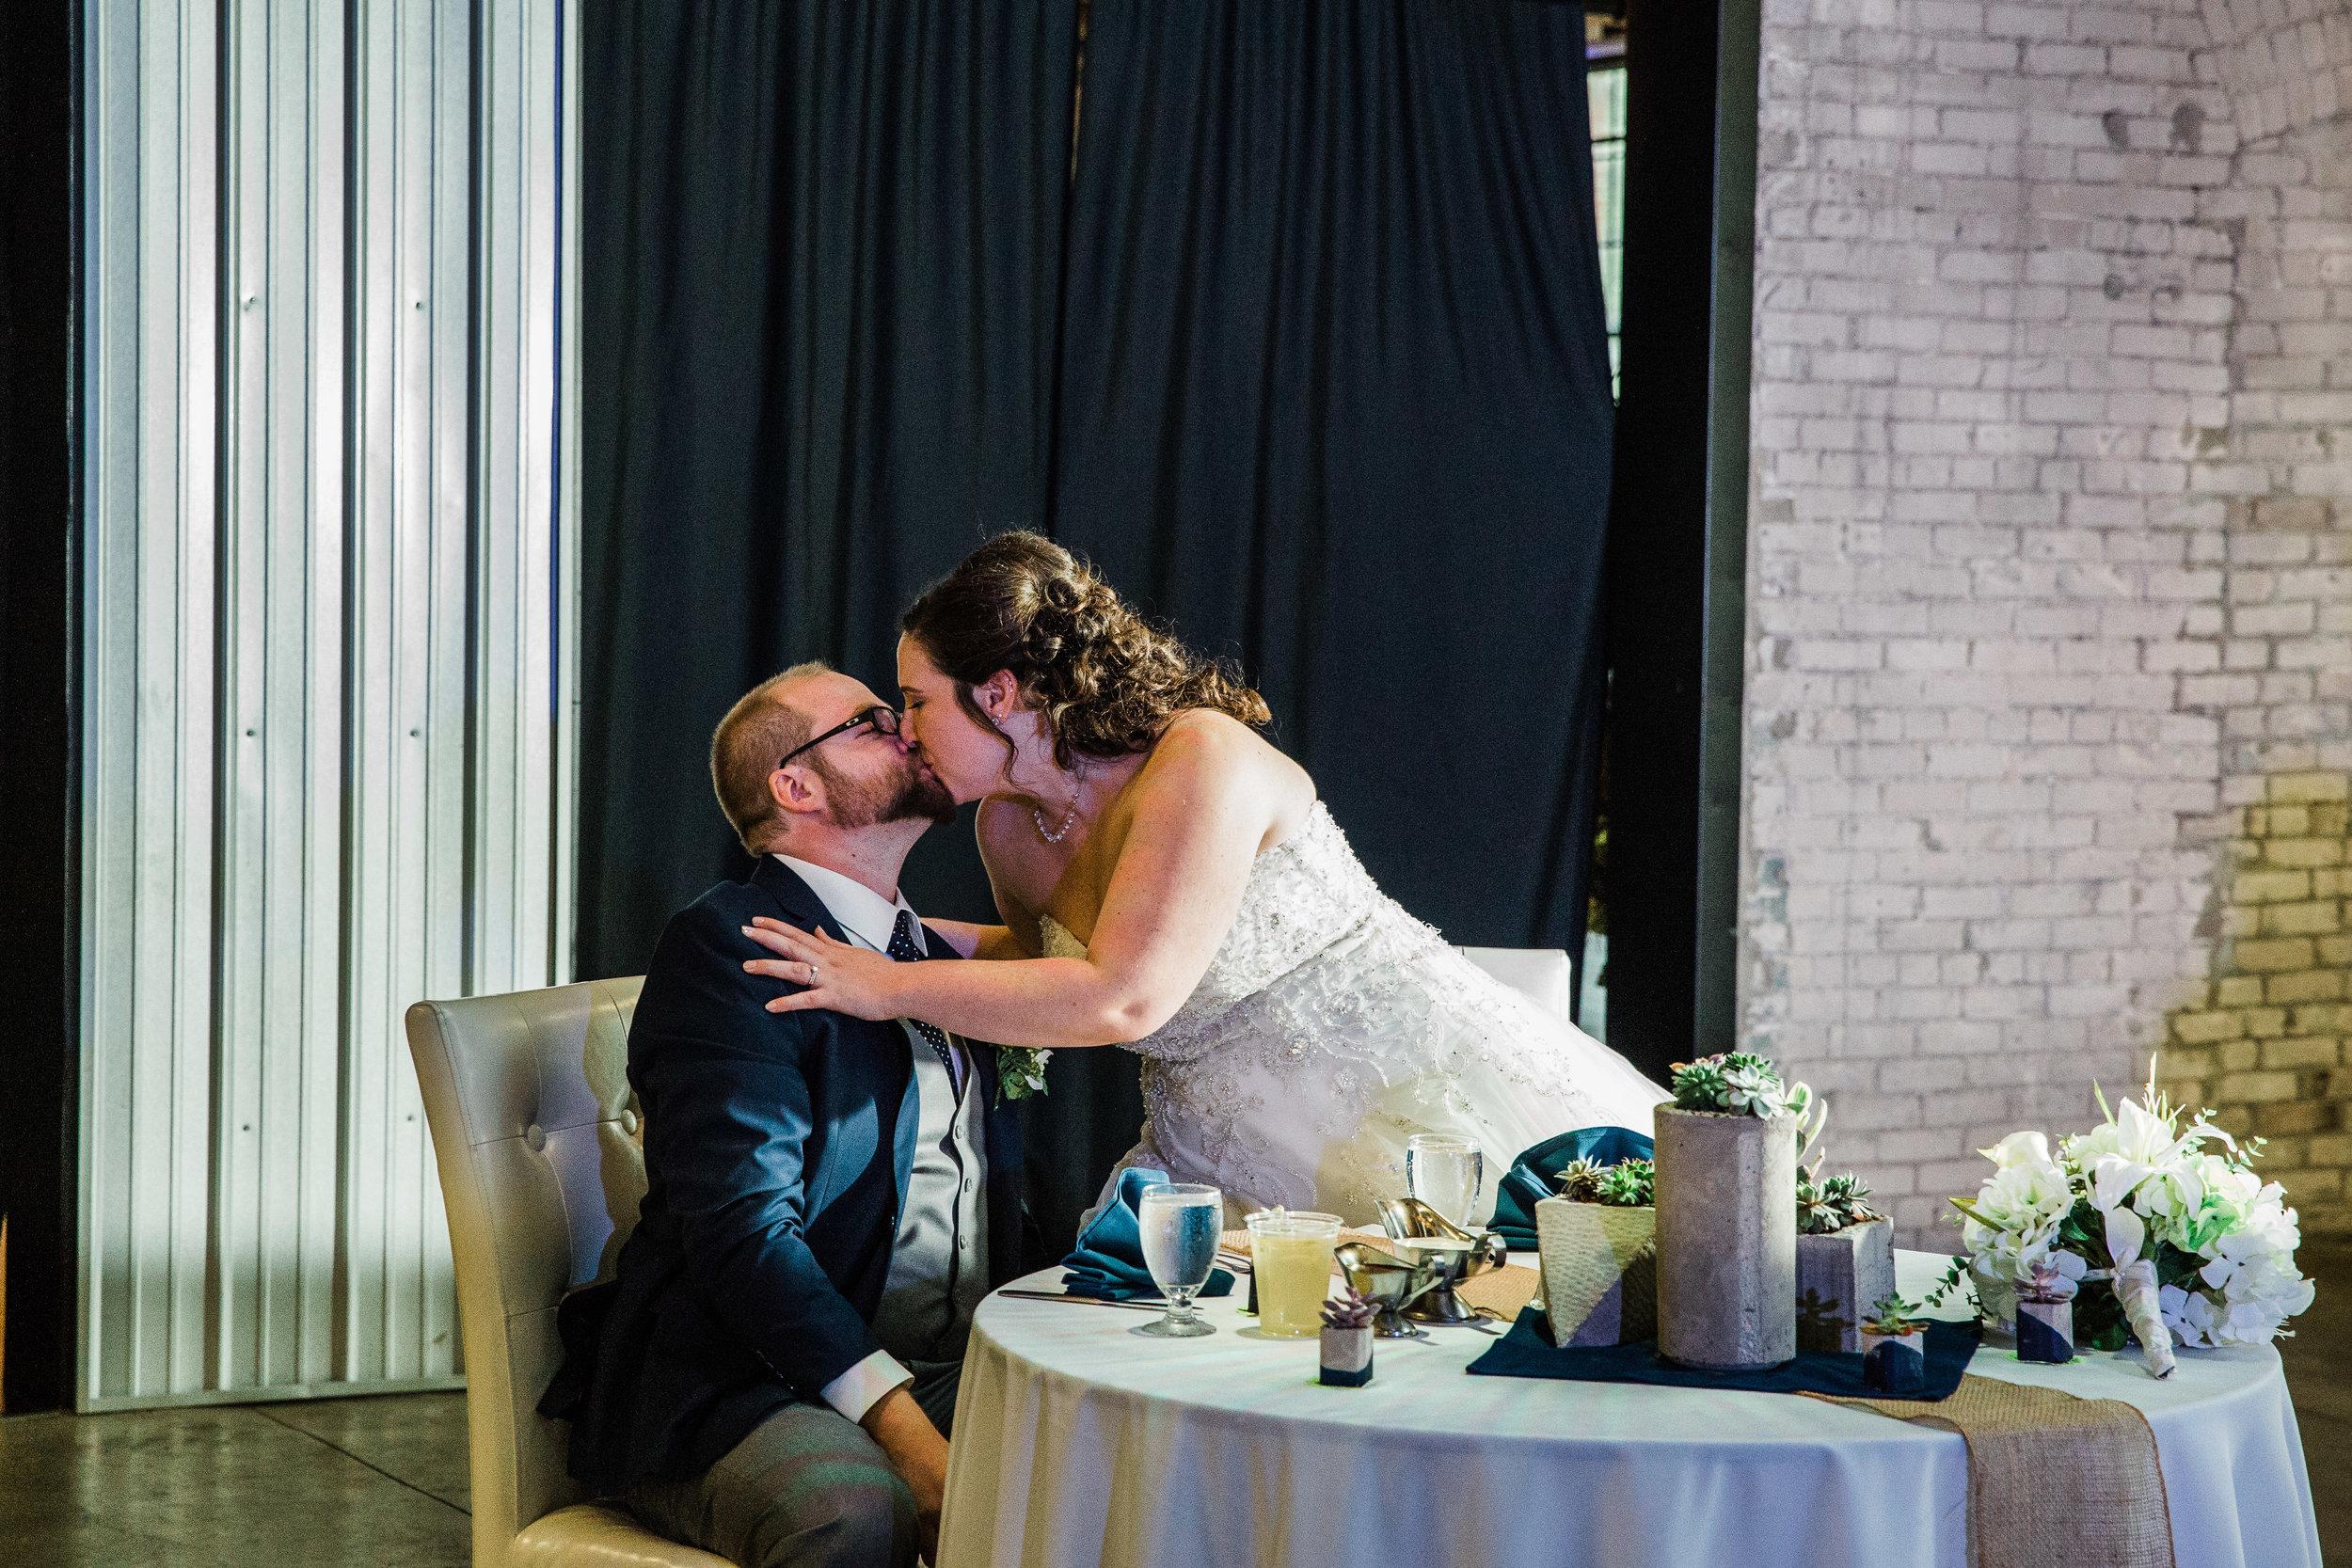 Michigan Bride and Groom Kissing at Wedding Reception_Tania Howard Photography.jpg